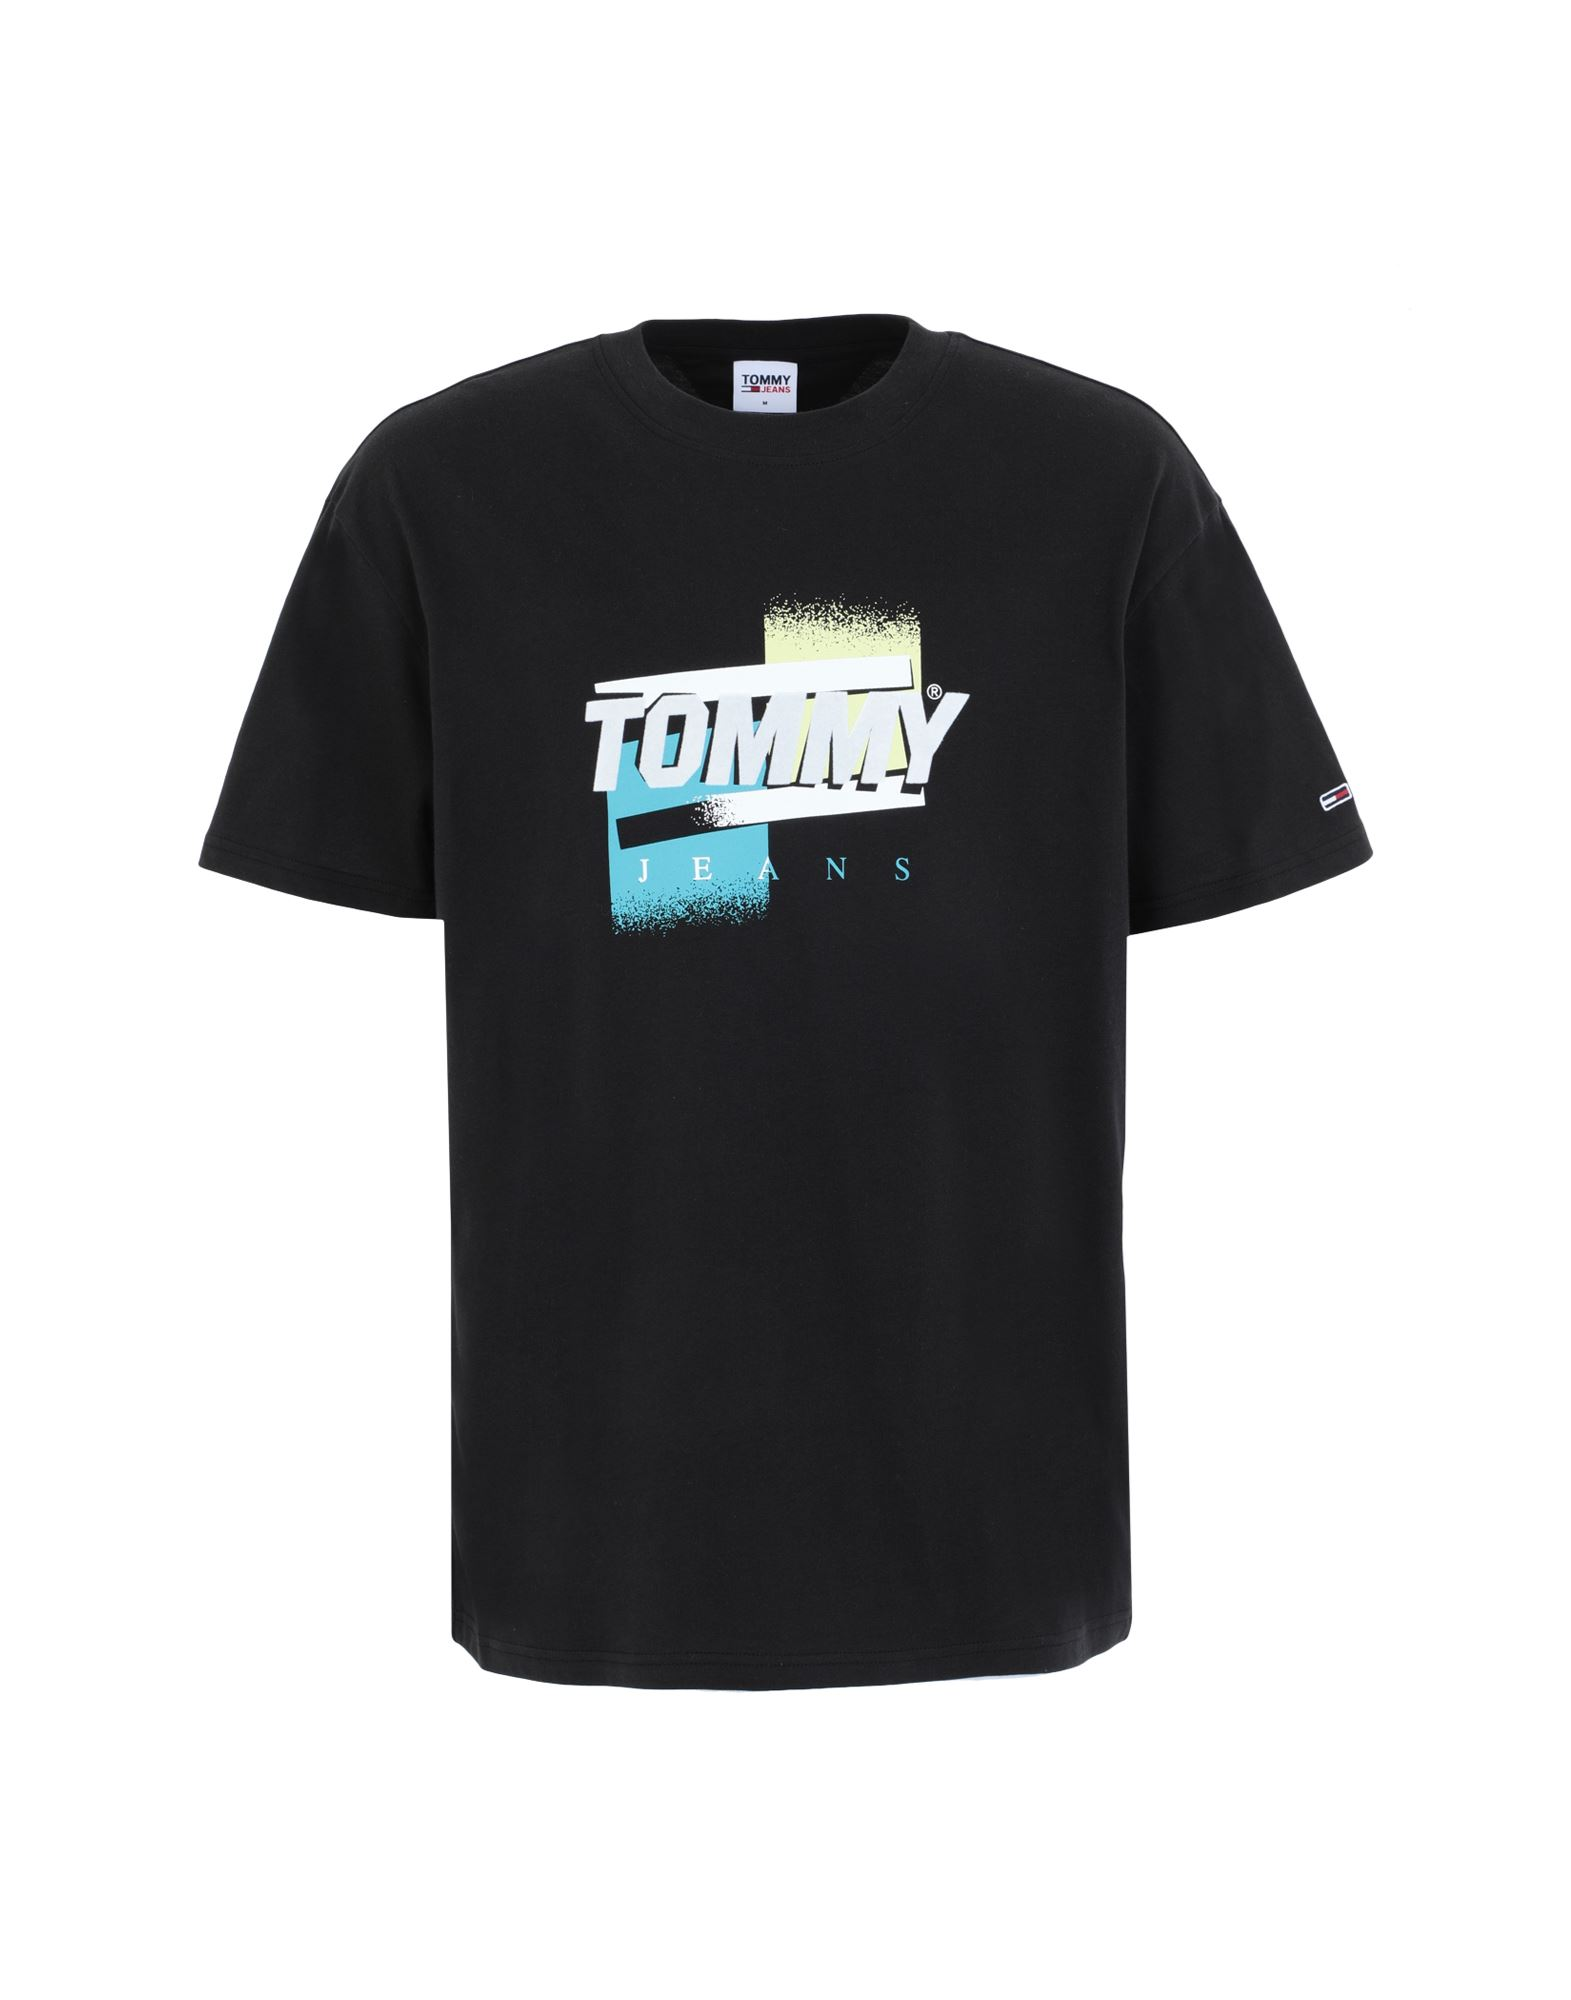 《セール開催中》TOMMY JEANS メンズ T シャツ ブラック S オーガニックコットン 100% TJM FADED COLOR GRAPHIC T-SHIRT